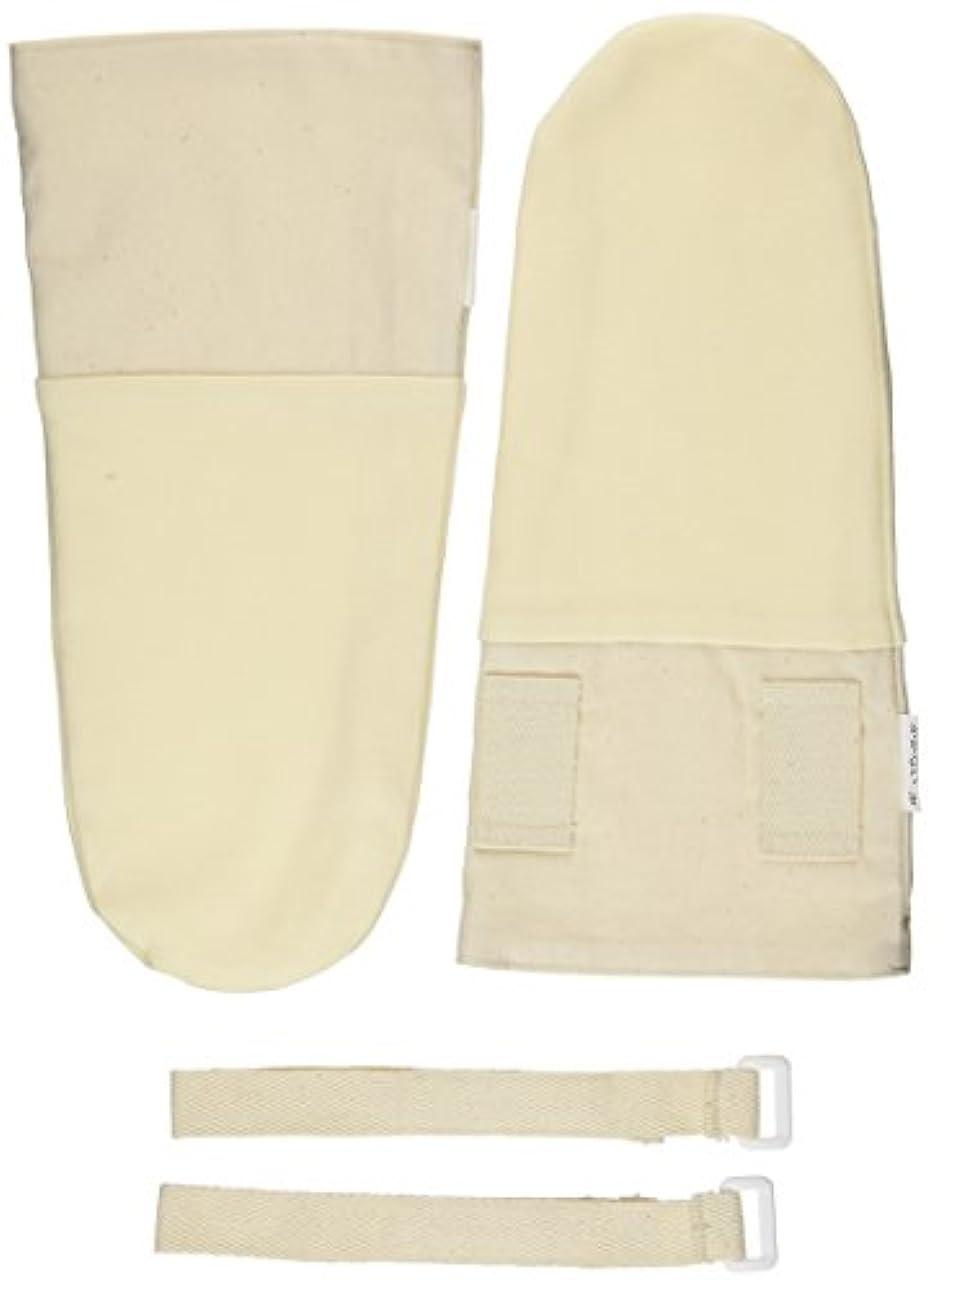 有益抽出スロベニア寝るときかかない手袋 フリーサイズ[大人用]